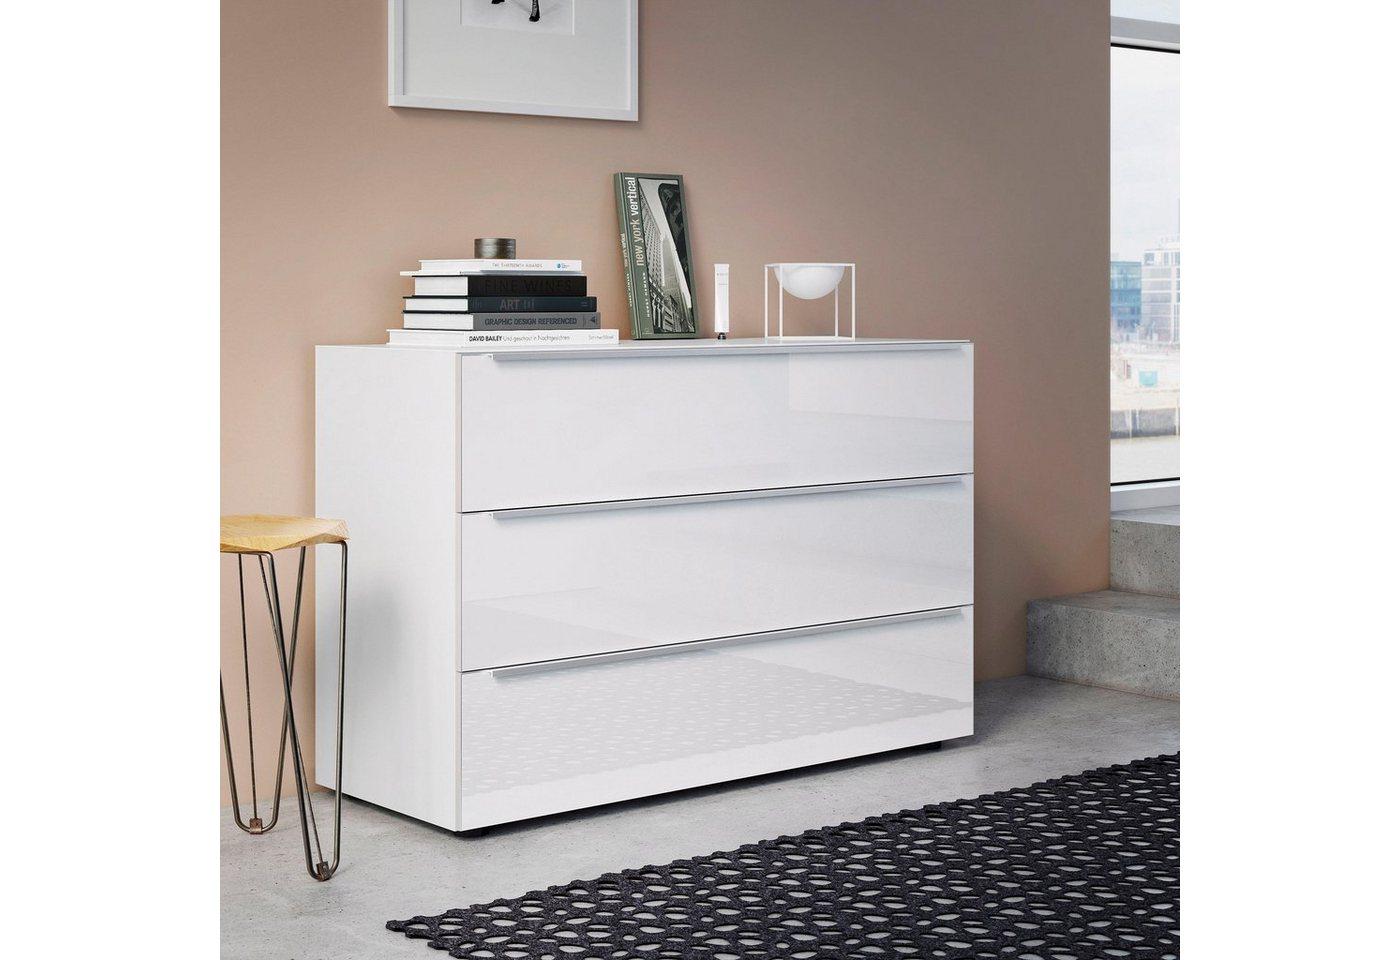 Nolte Kommode Alegro : nolte® Möbel Kommode »Alegro Style«, Breite 160 cm Glasfronten